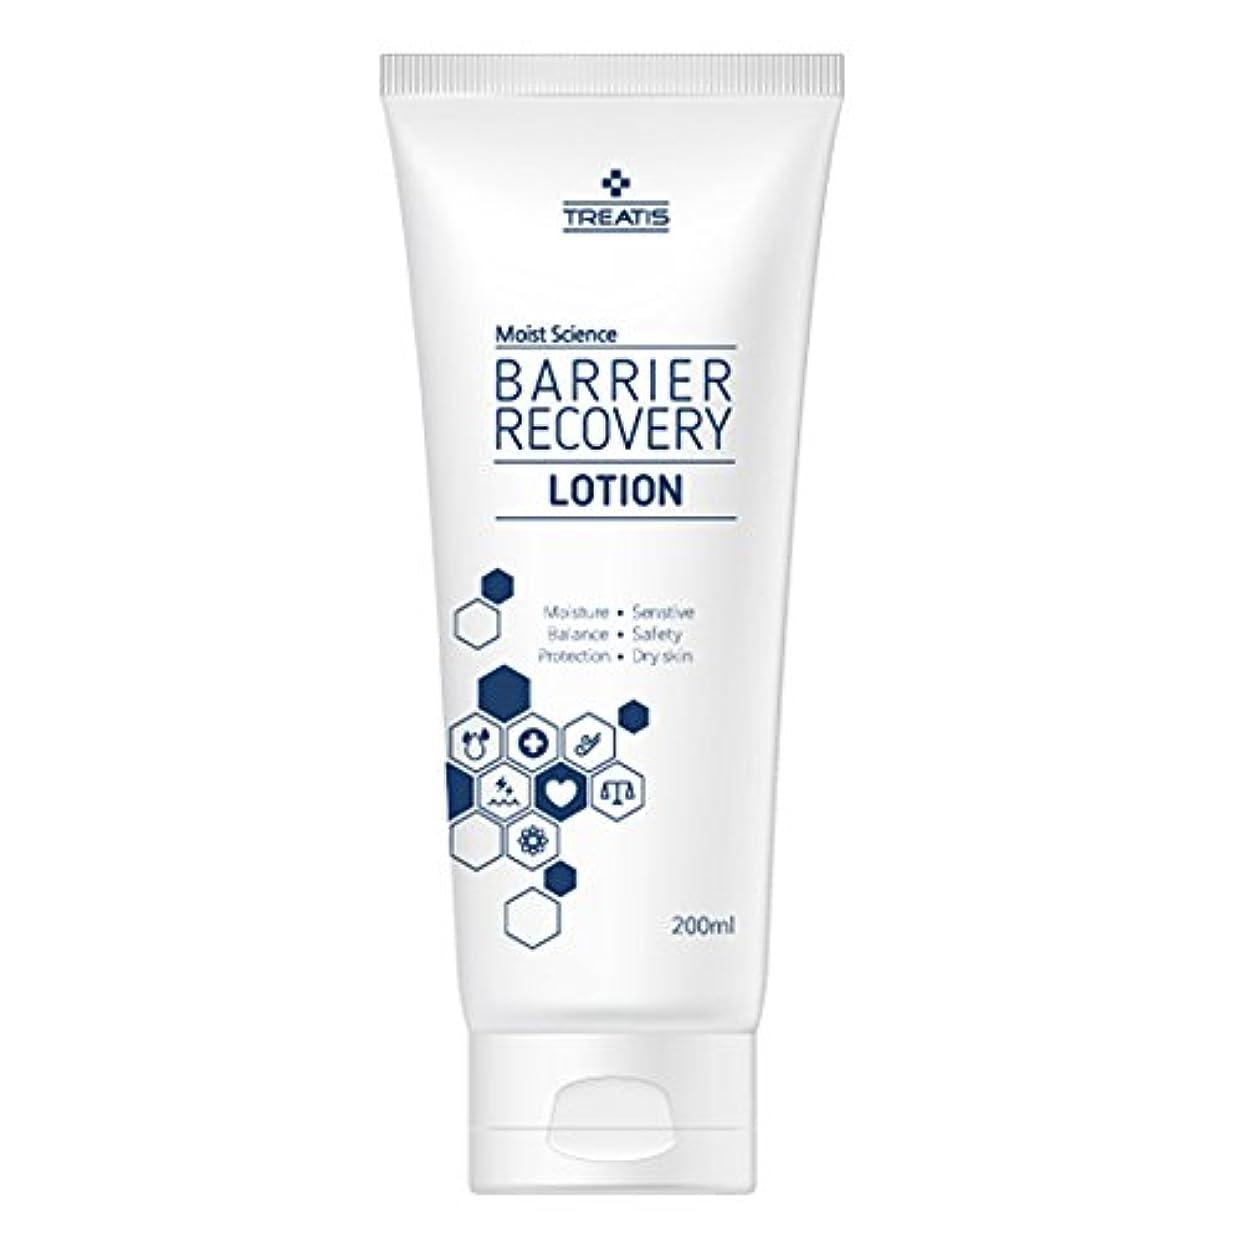 ショップ基礎言及するTreatis barrier recovery lotion 7oz (200ml)/Moisture, Senstive, Balance, Safty, Protection, Dry skin [並行輸入品]